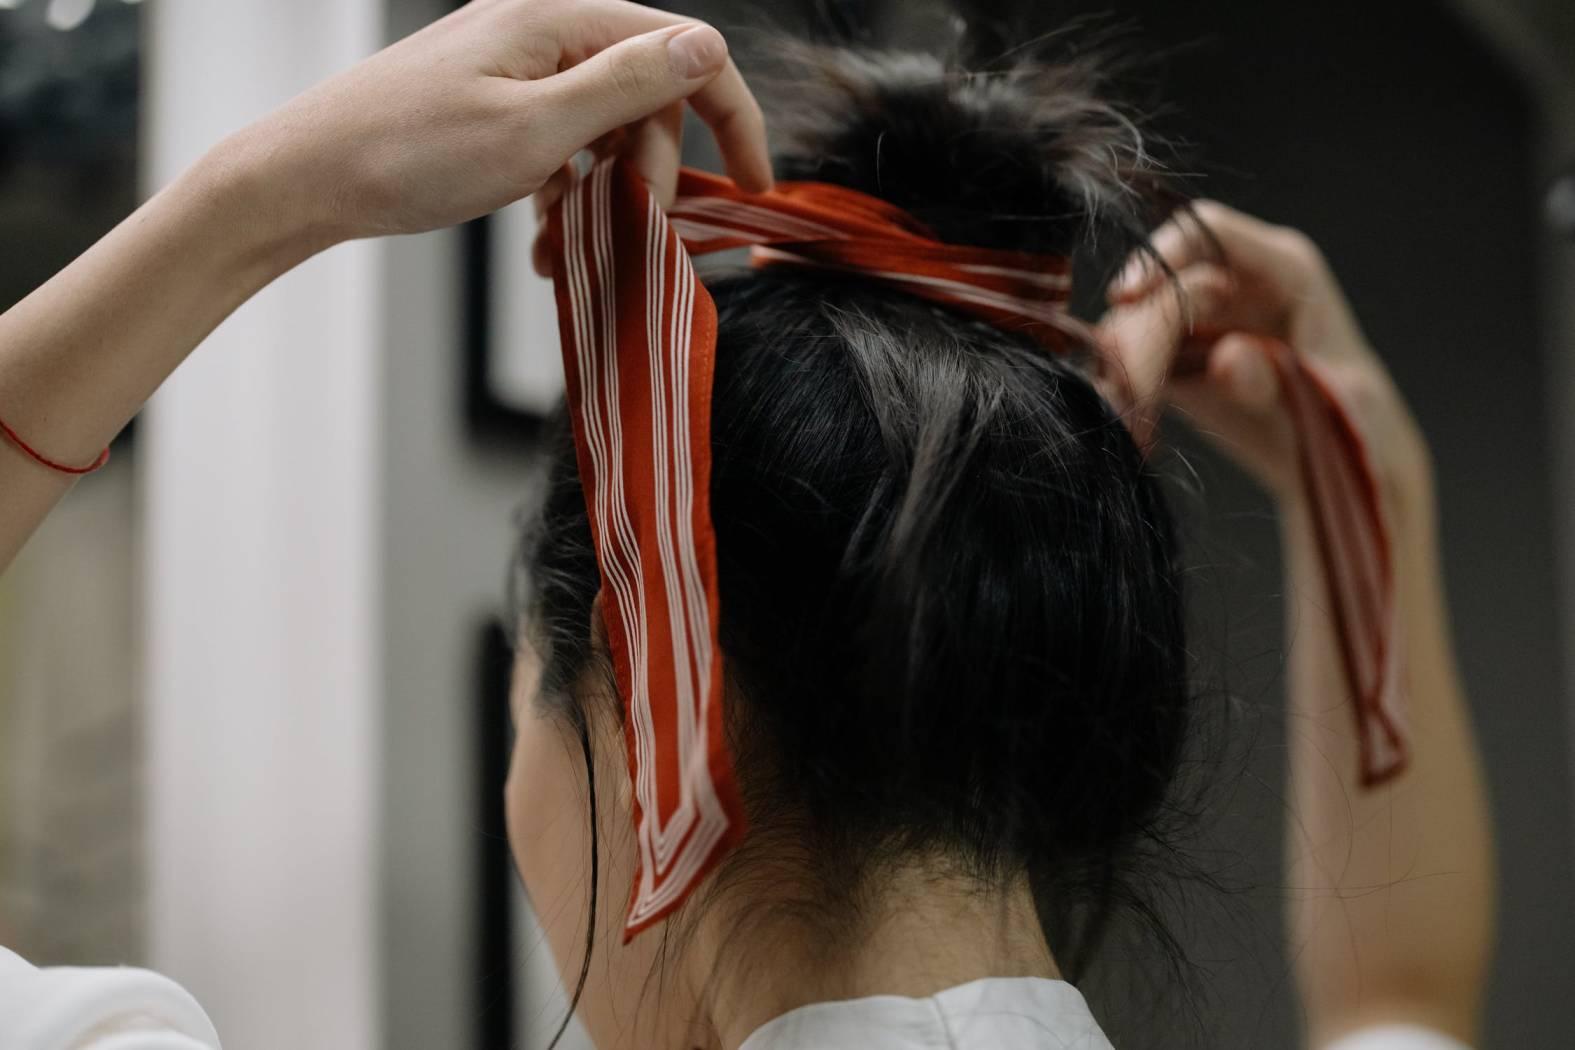 Macam-Macam Aksesoris Rambut Yang Perlu Kamu Ketahui!